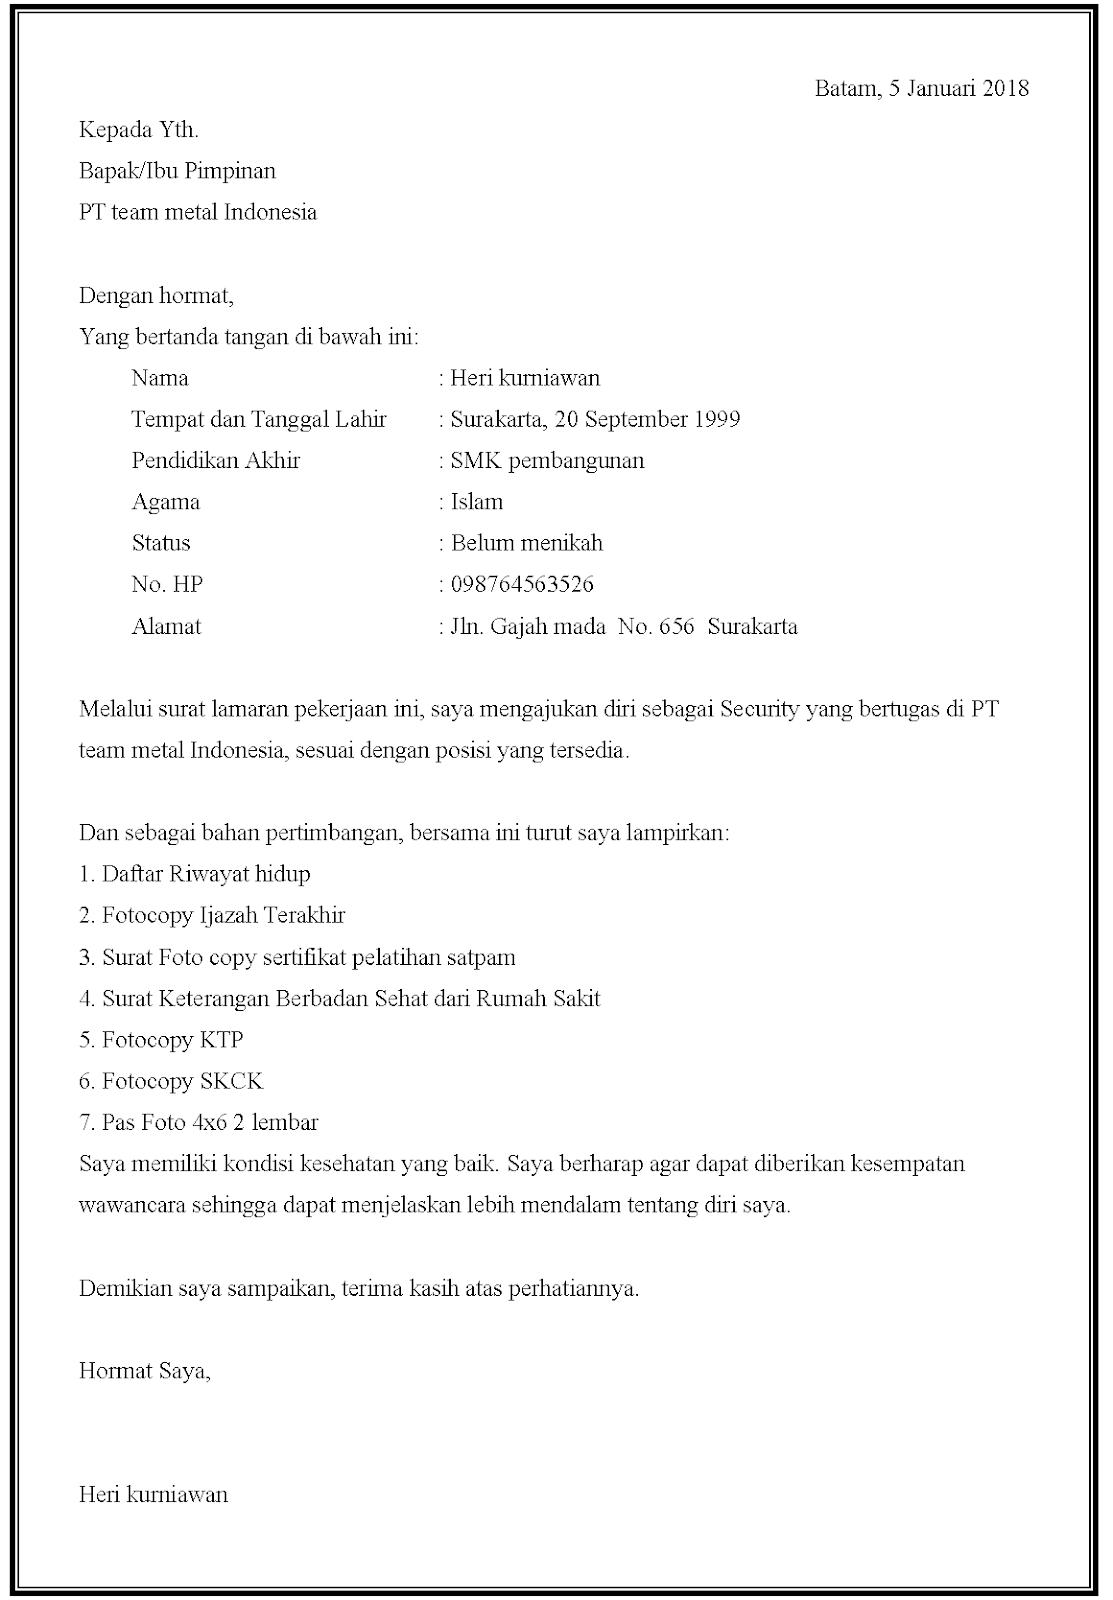 Contoh surat lamaran kerja security di PT team metal Indonesia